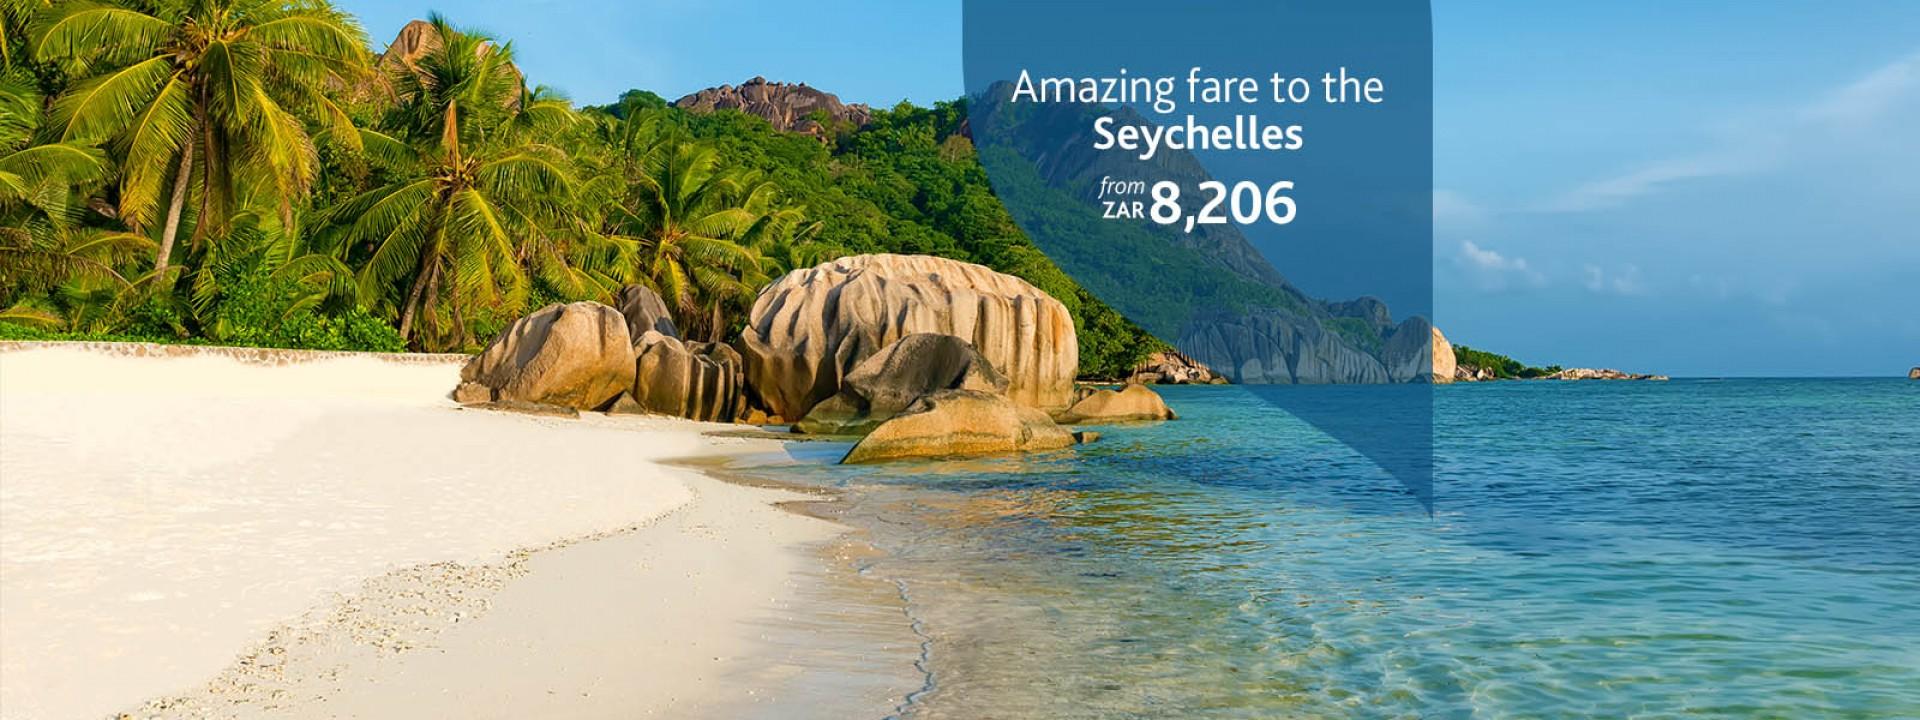 flights-from-johannesburg-to-mahe-seychelles-economy